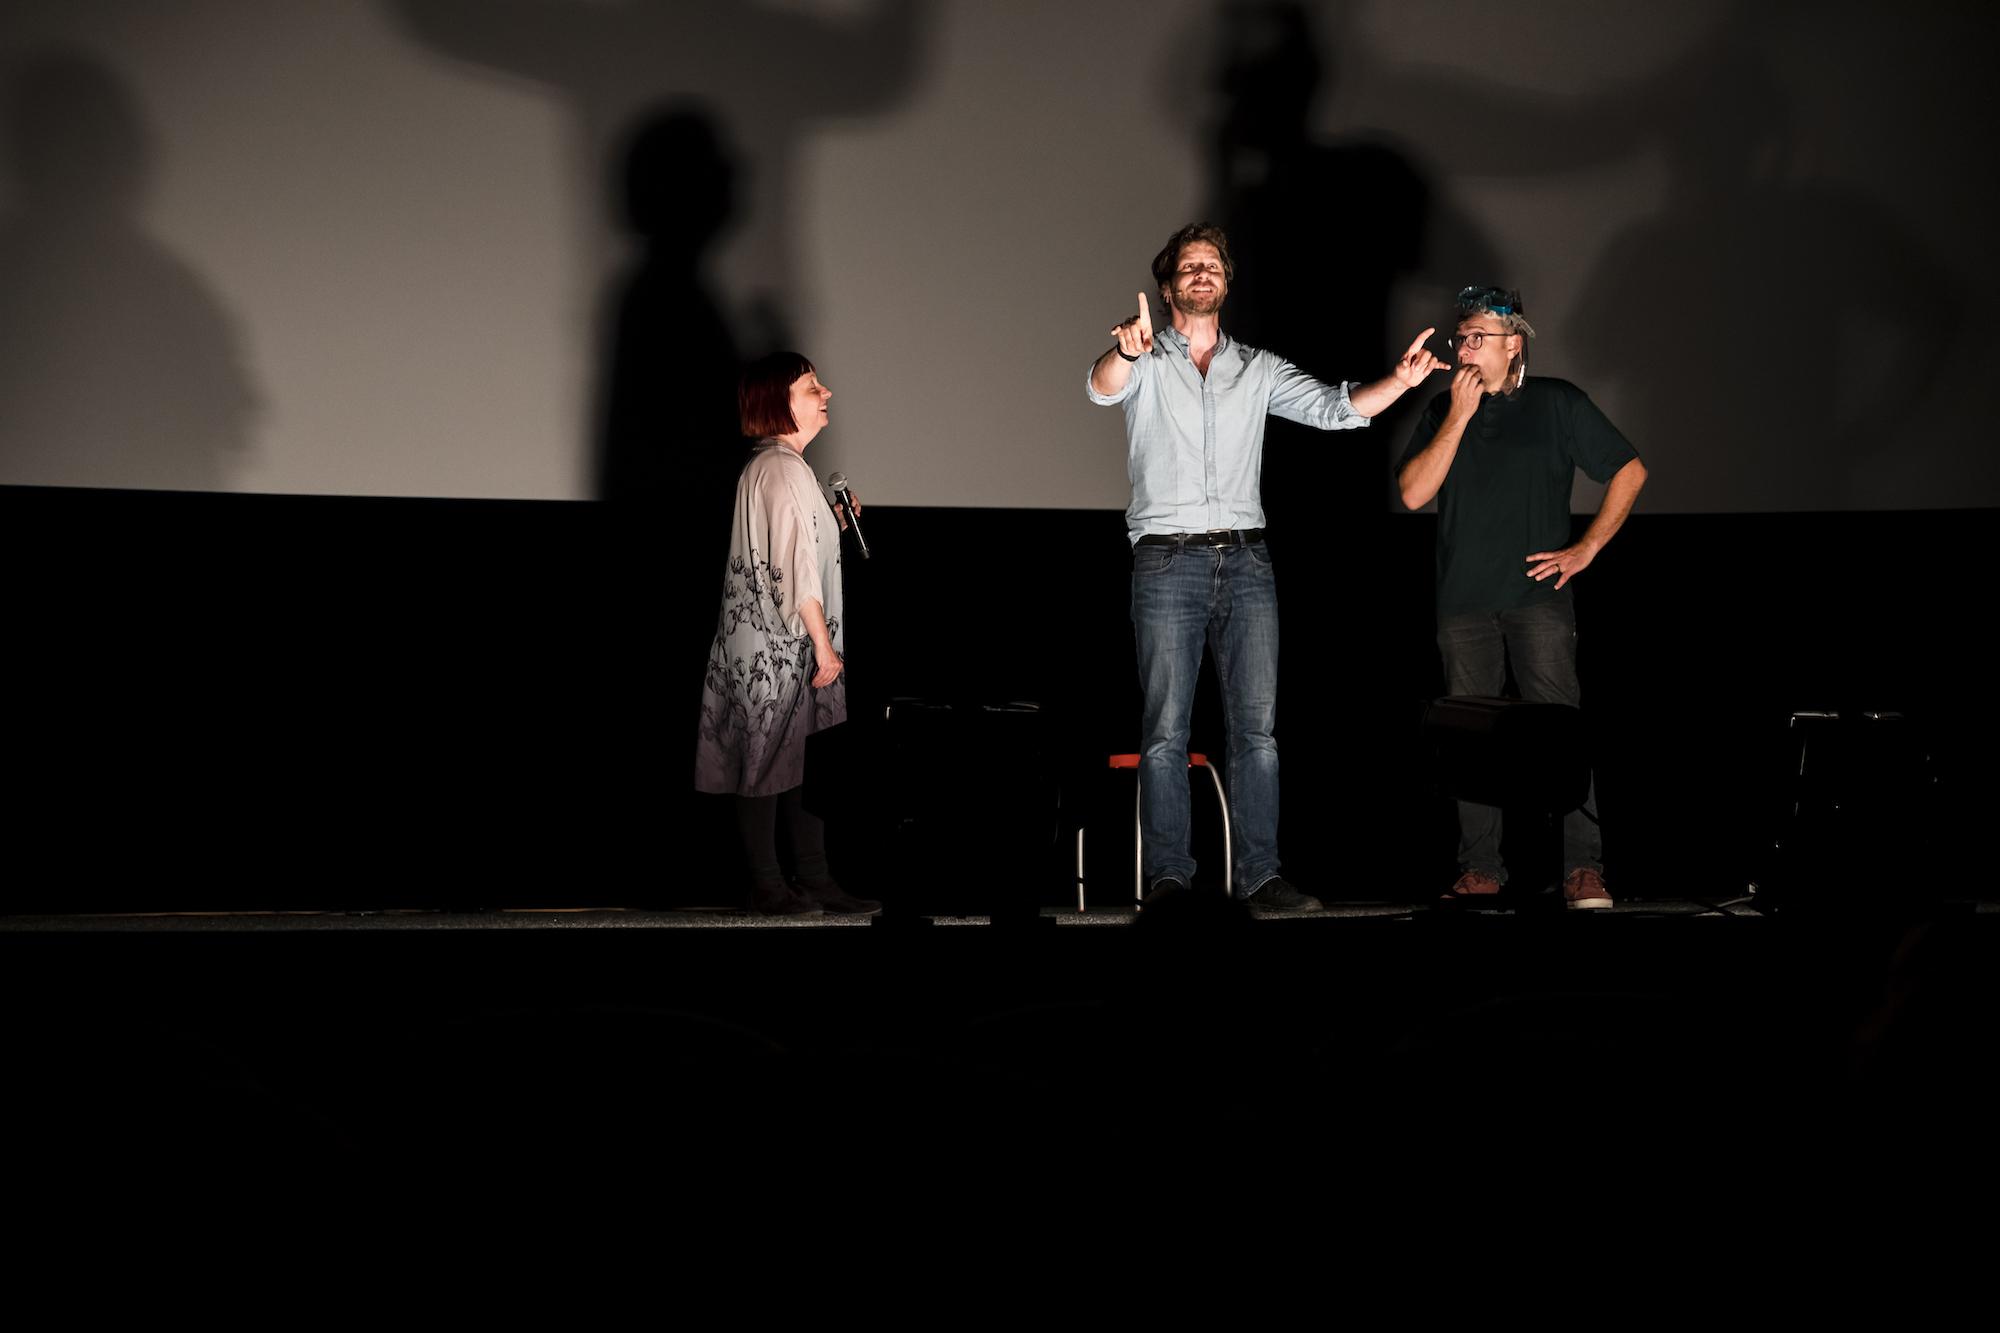 Auf einer Bühne sind zwei Männer und eine Frau mit Mikrofon beleuchtet. Der Mann in der Mitte hebt die Arbe und erzählt etwas, hinter ihm steht ein kleiner roter Hocker. Ansonsten ist es ziemlich dunkel.